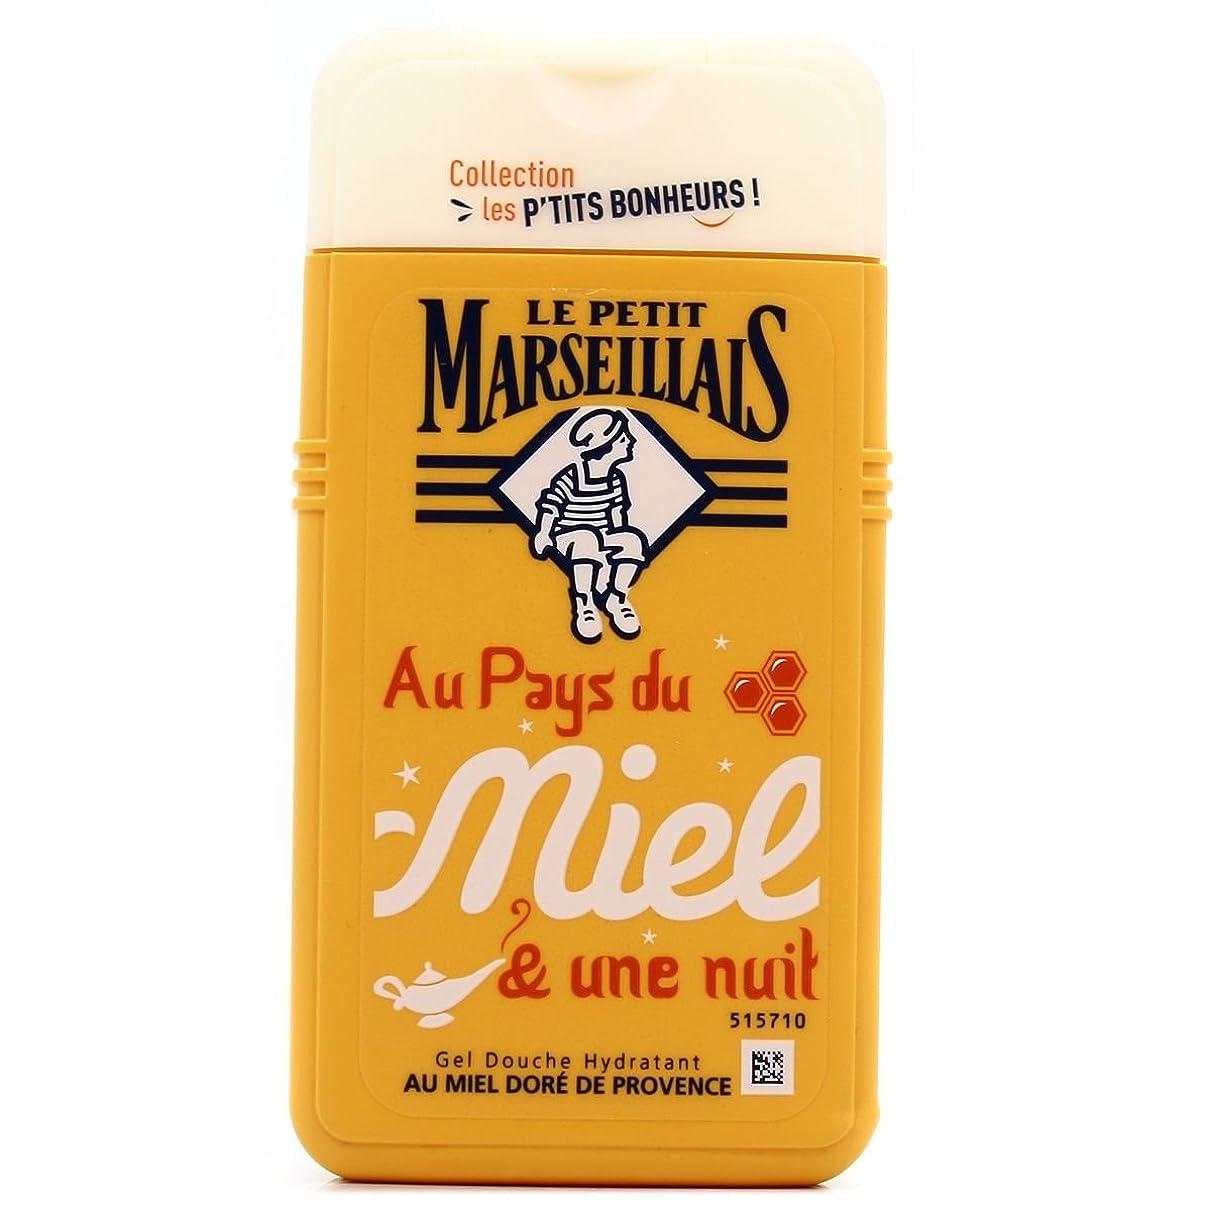 実施する出演者自然公園「はちみつ」シャワージェル ???? フランスの「ル?プティ?マルセイユ (Le Petit Marseillais)」 les P'TITS BONHEURS 250ml ボディウォッシュ